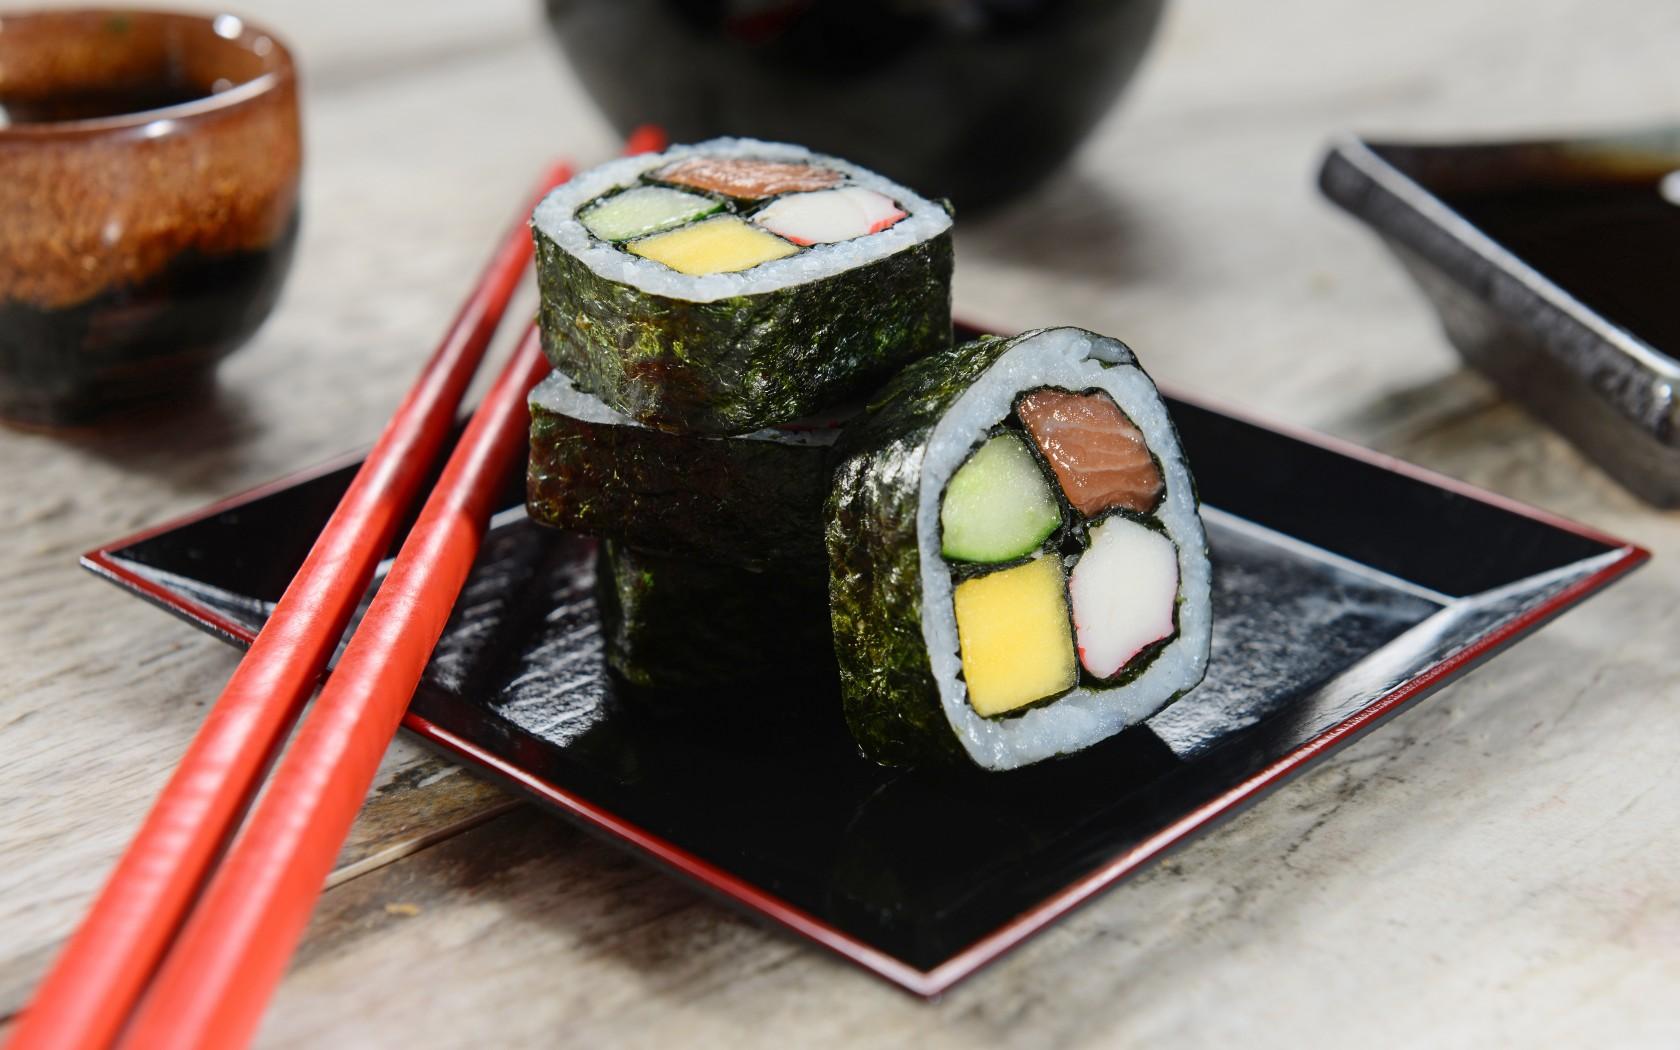 Wasabi Sushi Shop Wrocław Produkty i Akcesoria do Sushi i Kuchni Orientalnej (118)